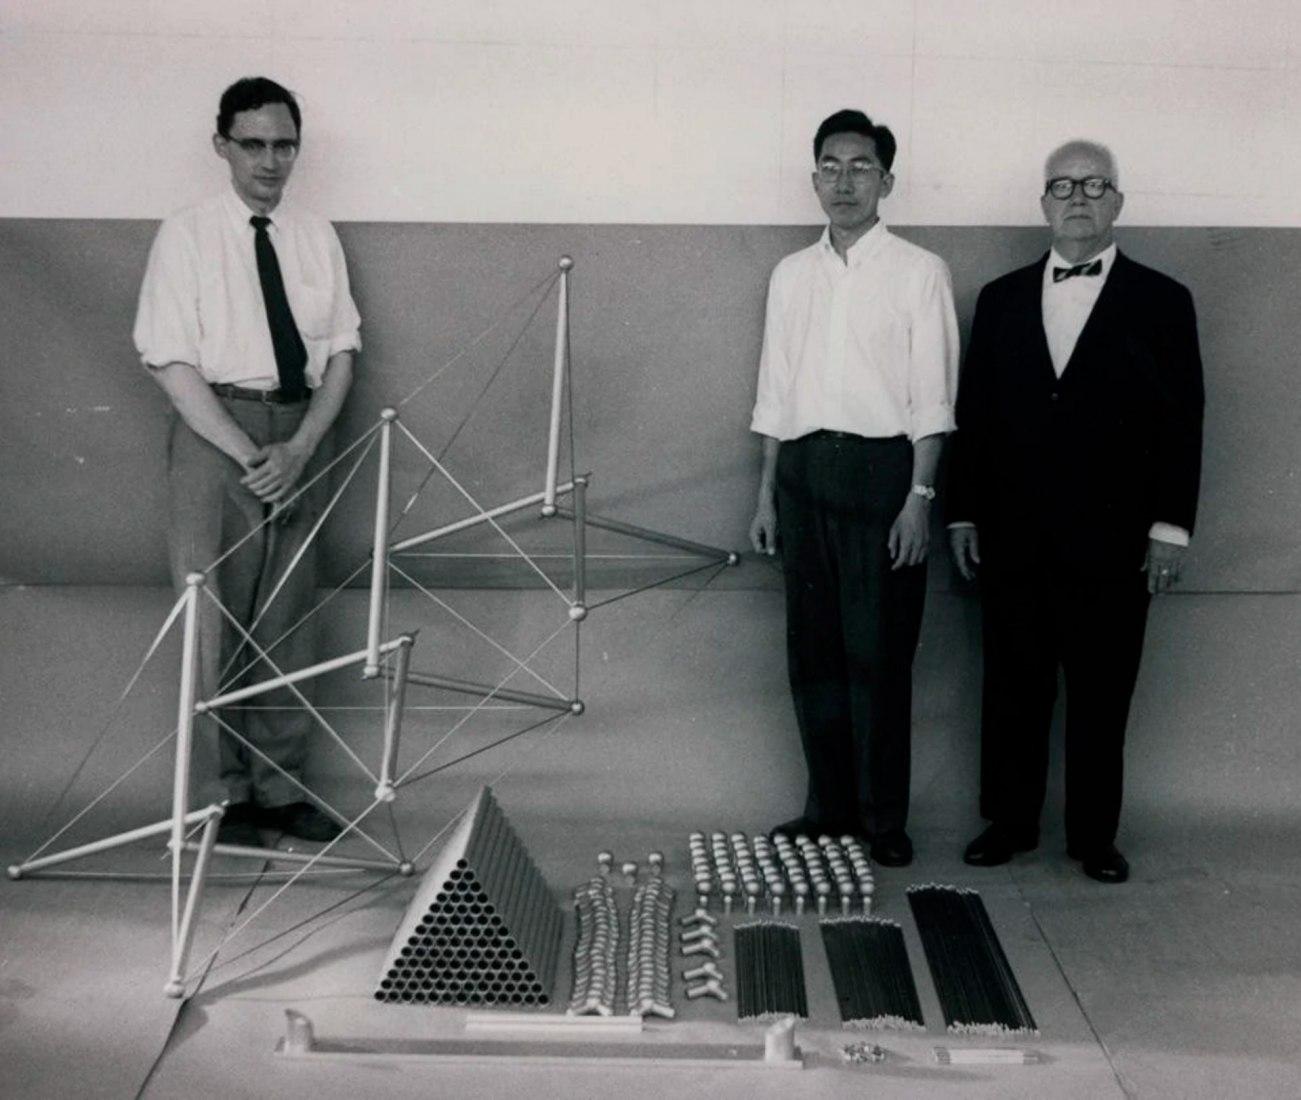 Edison Price, Shoji Sadao y Buckminster Fuller con piezas para el mástil Tensegrity de MoMA, 1959. Cortesía de Fuller y Sadao.